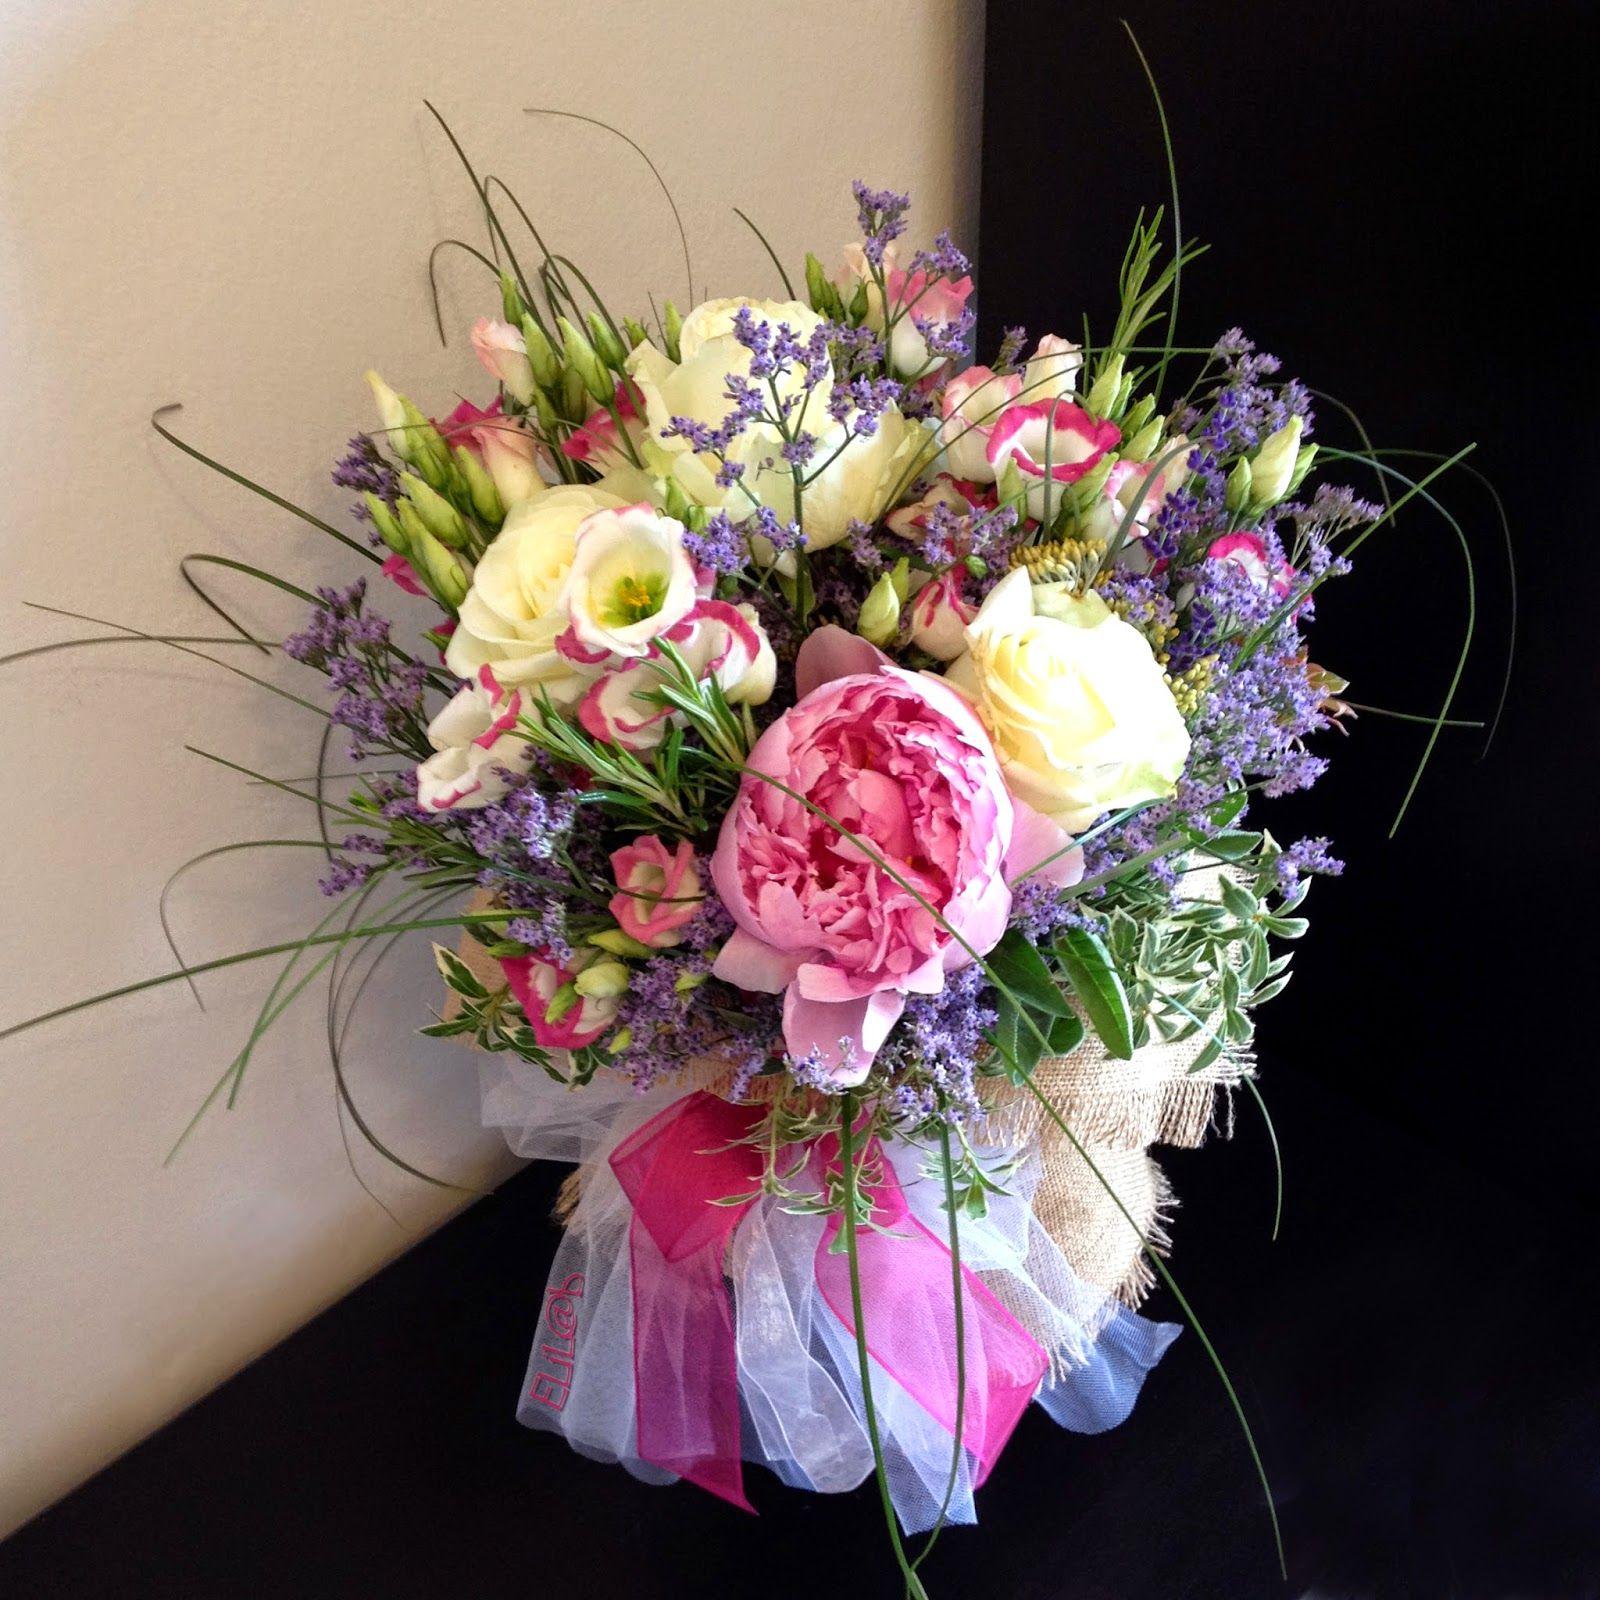 il mio bouquet dai colori pastello in stile shabby chic, peonie, lavanda e rose